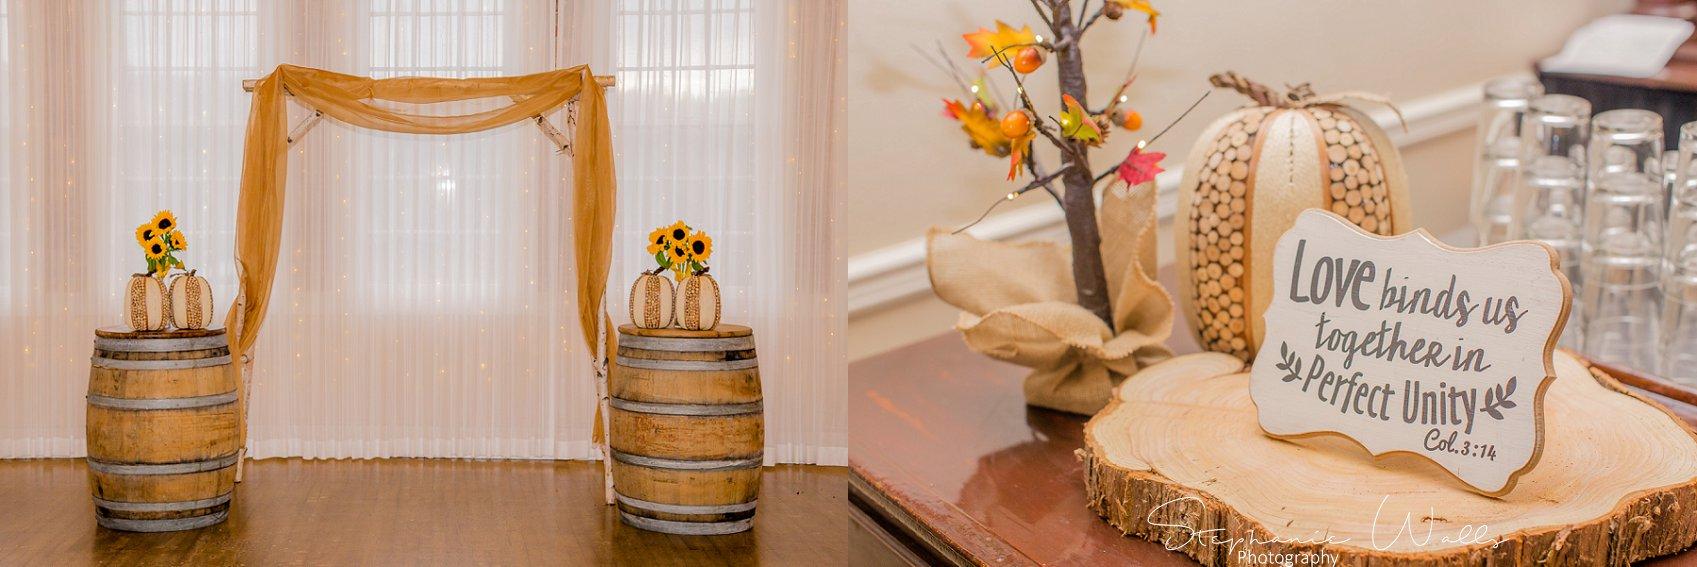 Olson Details 117 1 KK & Zack   Hollywood Schoolhouse Wedding   Woodinville, Wa Wedding Photographer